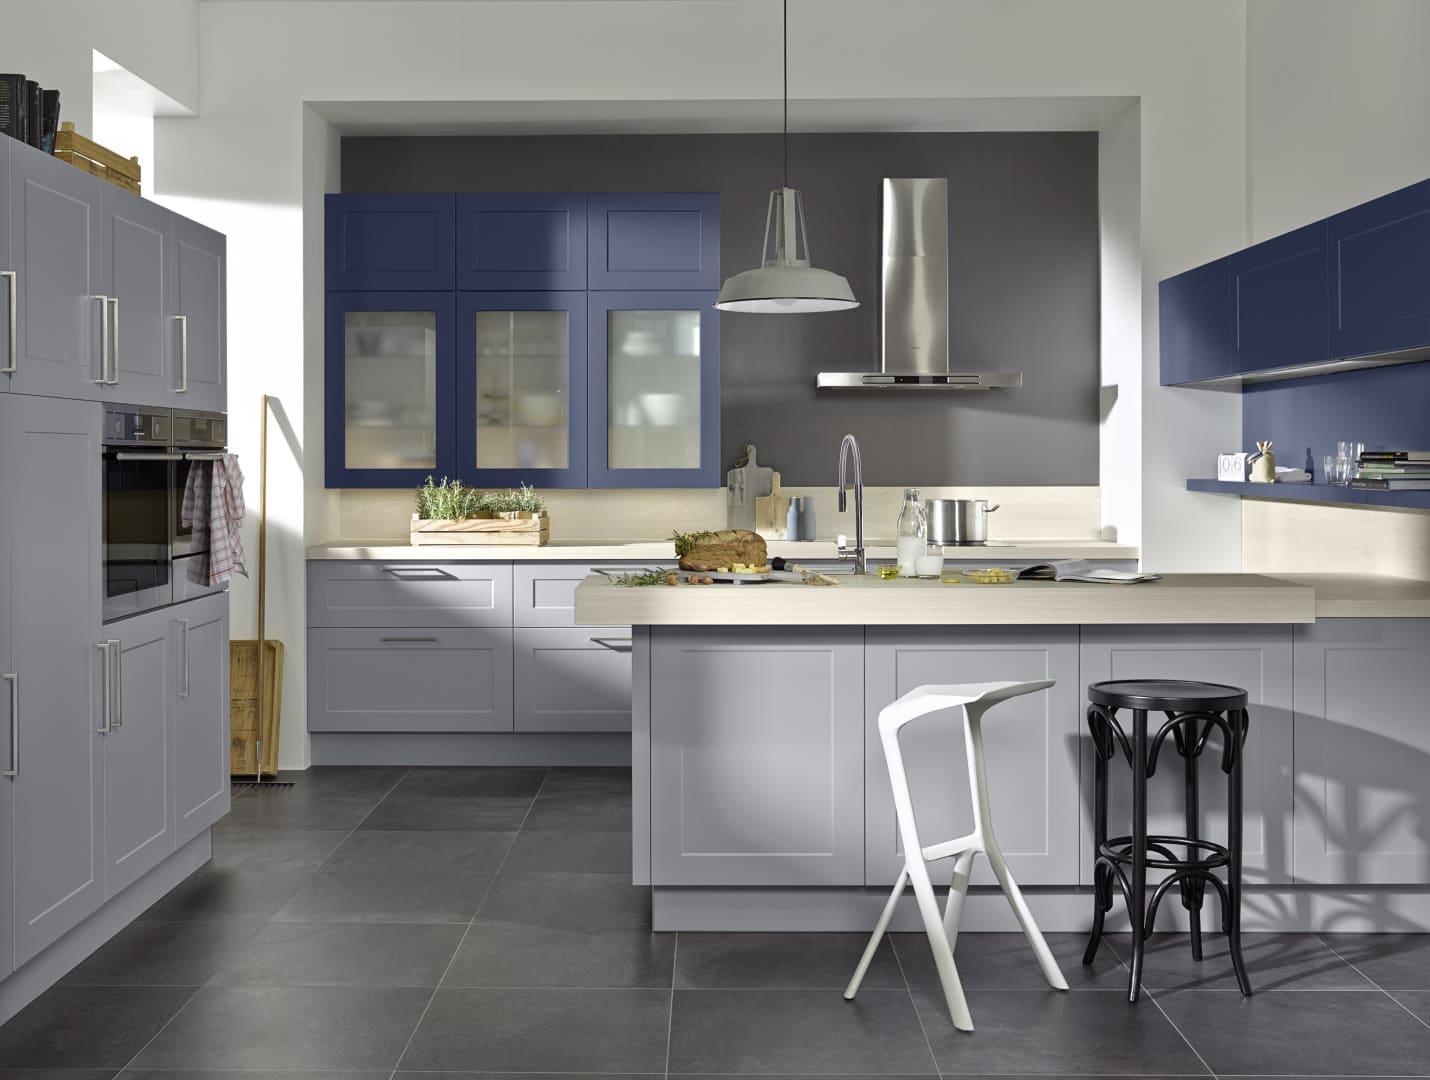 szaro-błękitna kuchnia z ramką nolte kuchen model frame lack